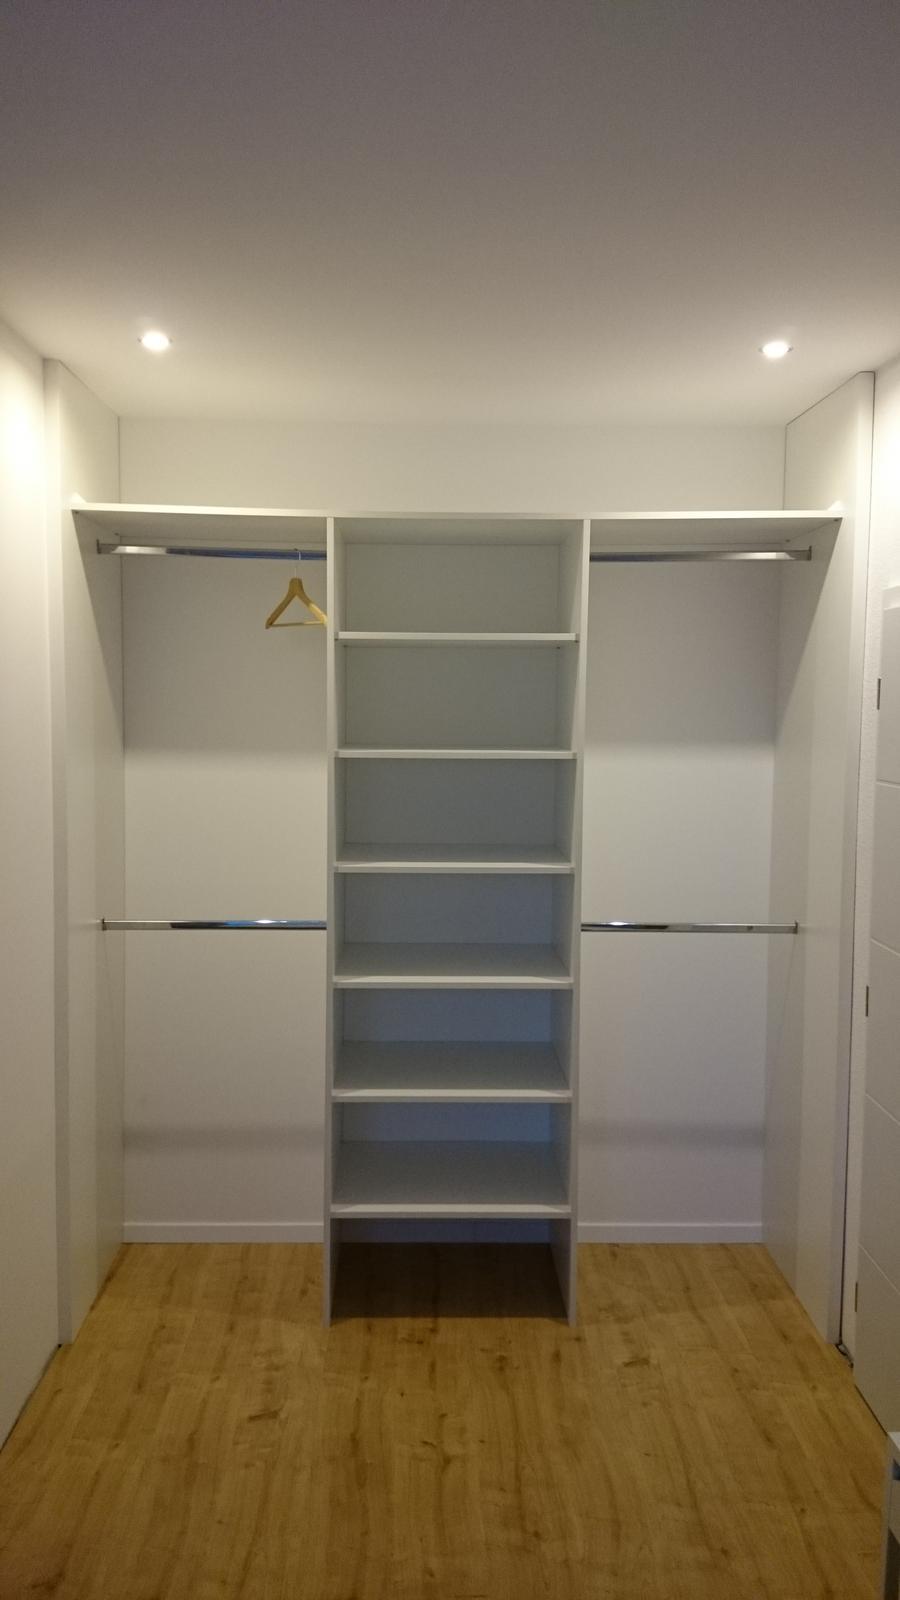 InTeRiEr -  ExTeRiEr - Spalnove skrine, dvere pridu neskor. Neviem ake dvere ci lacobel alebo nieco ine???